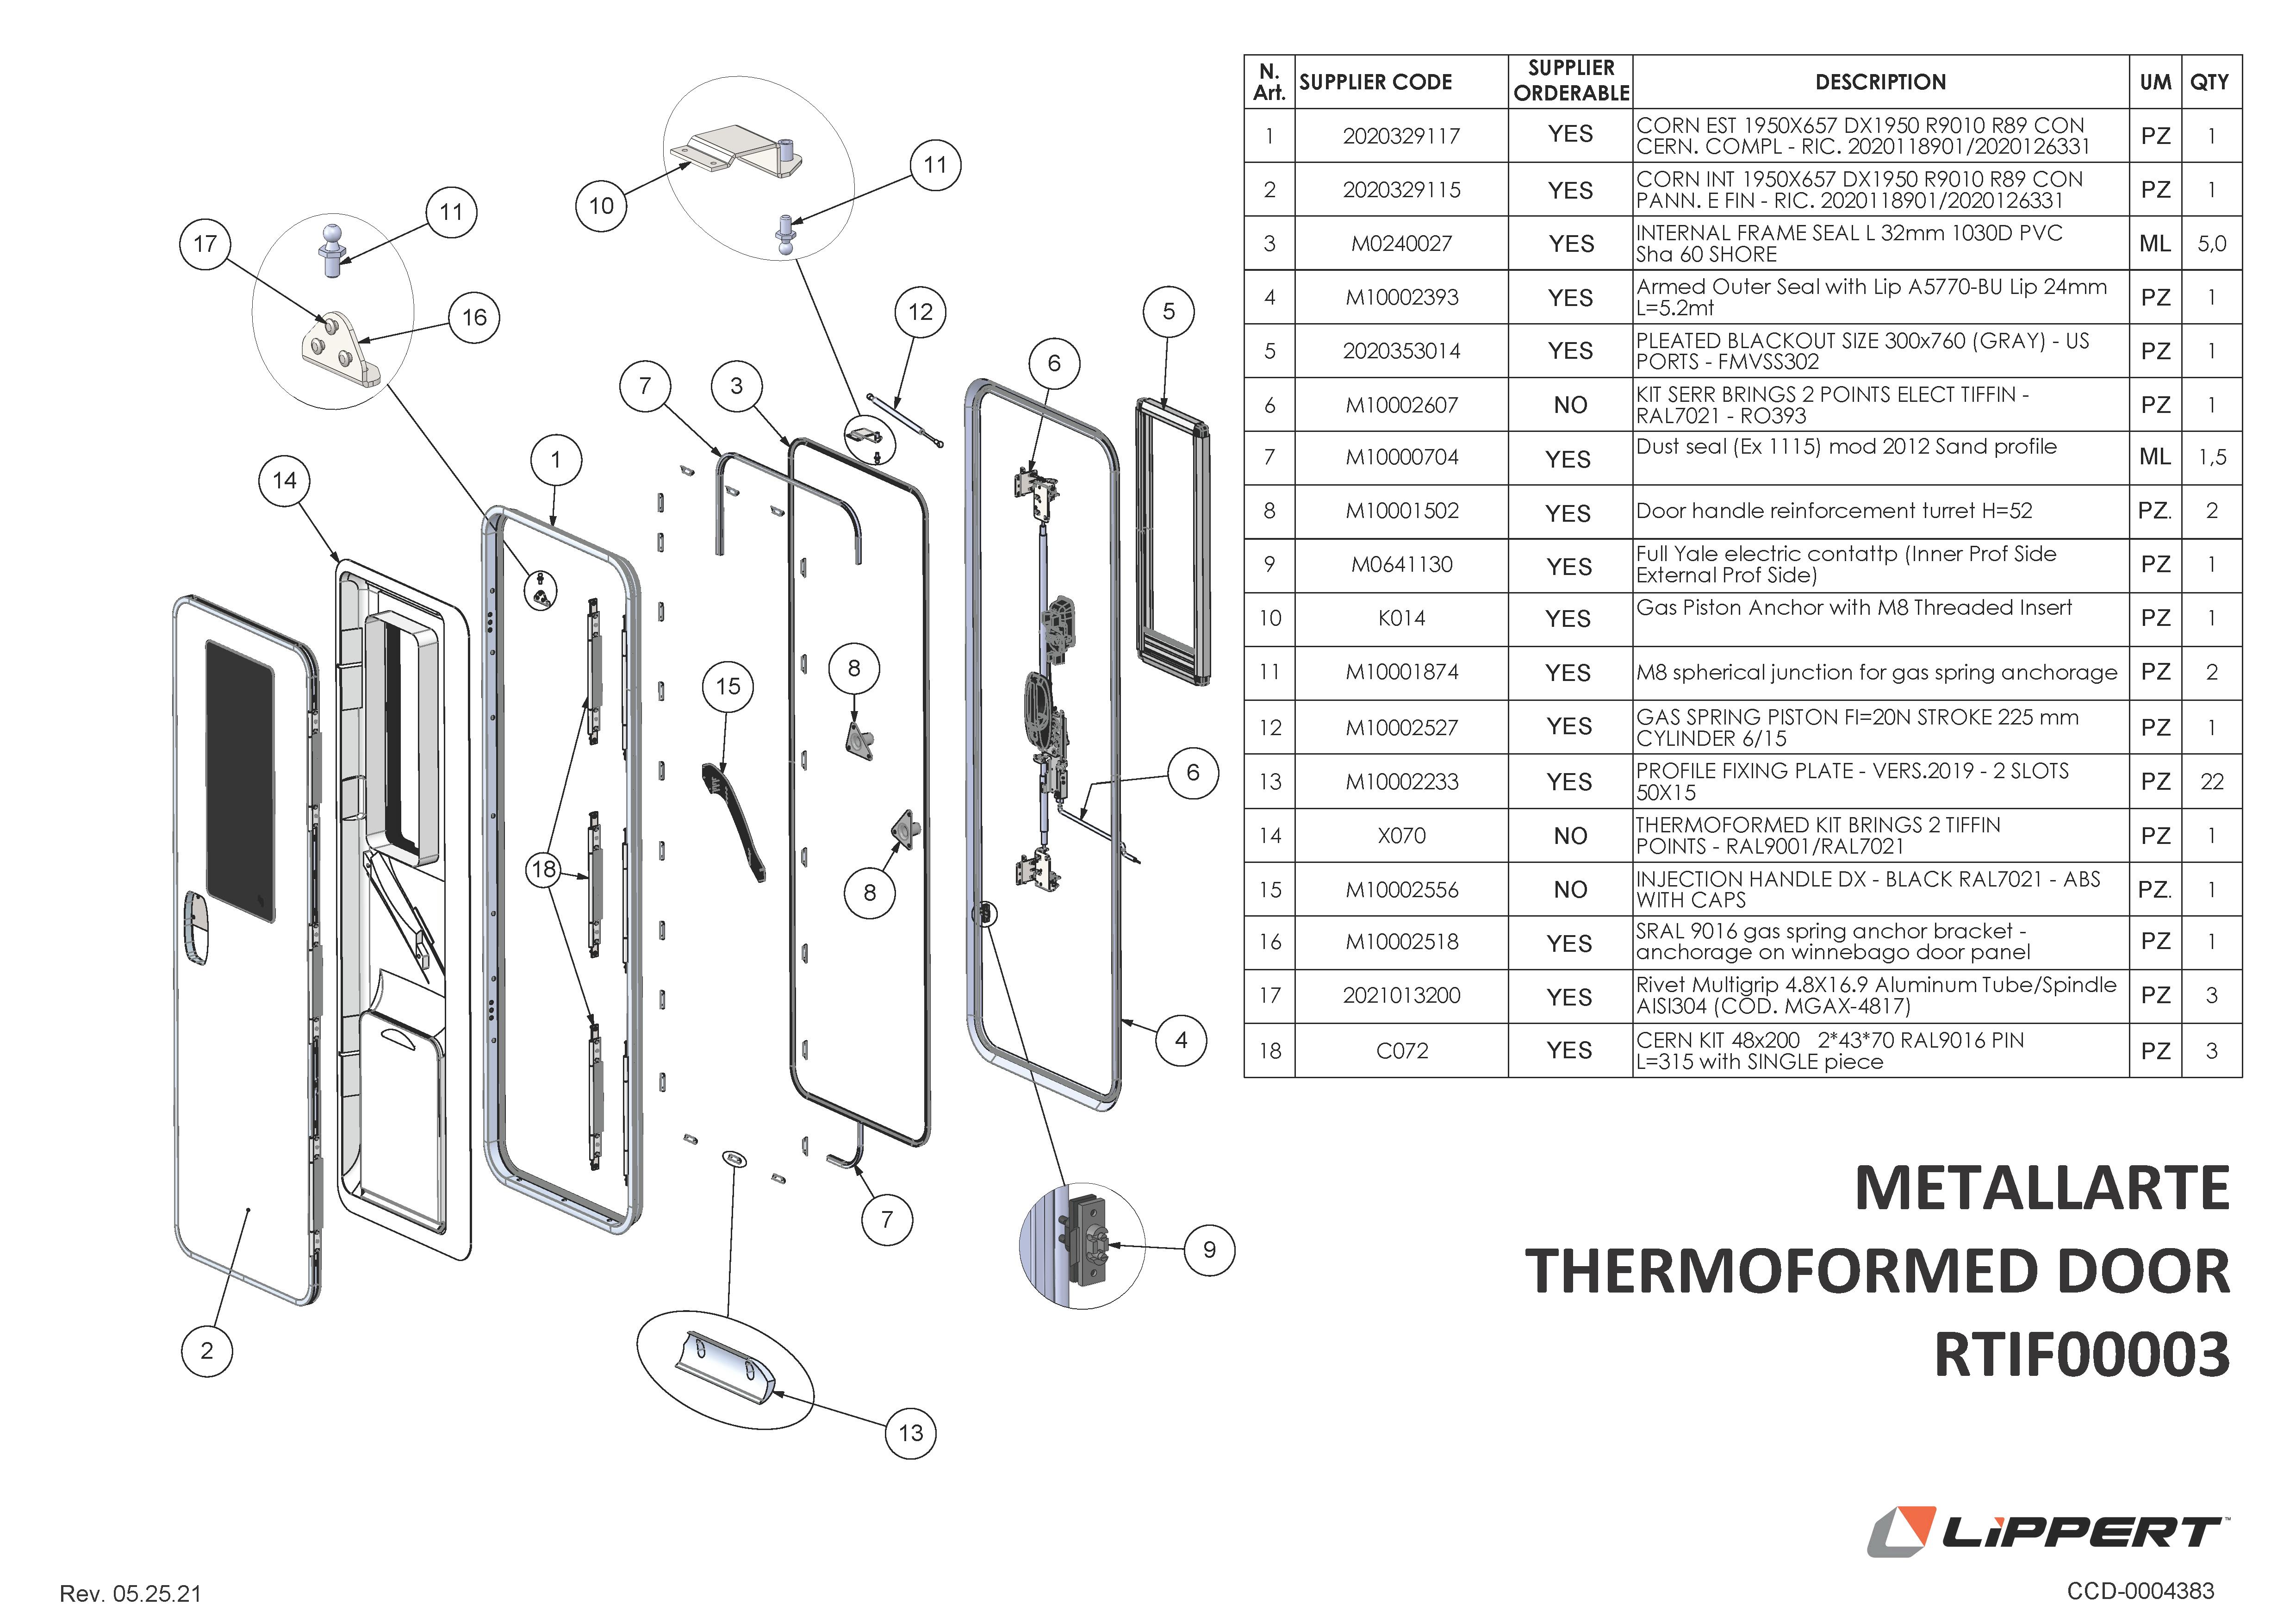 Metallarte Thermoformed Door RTIF00003 Components